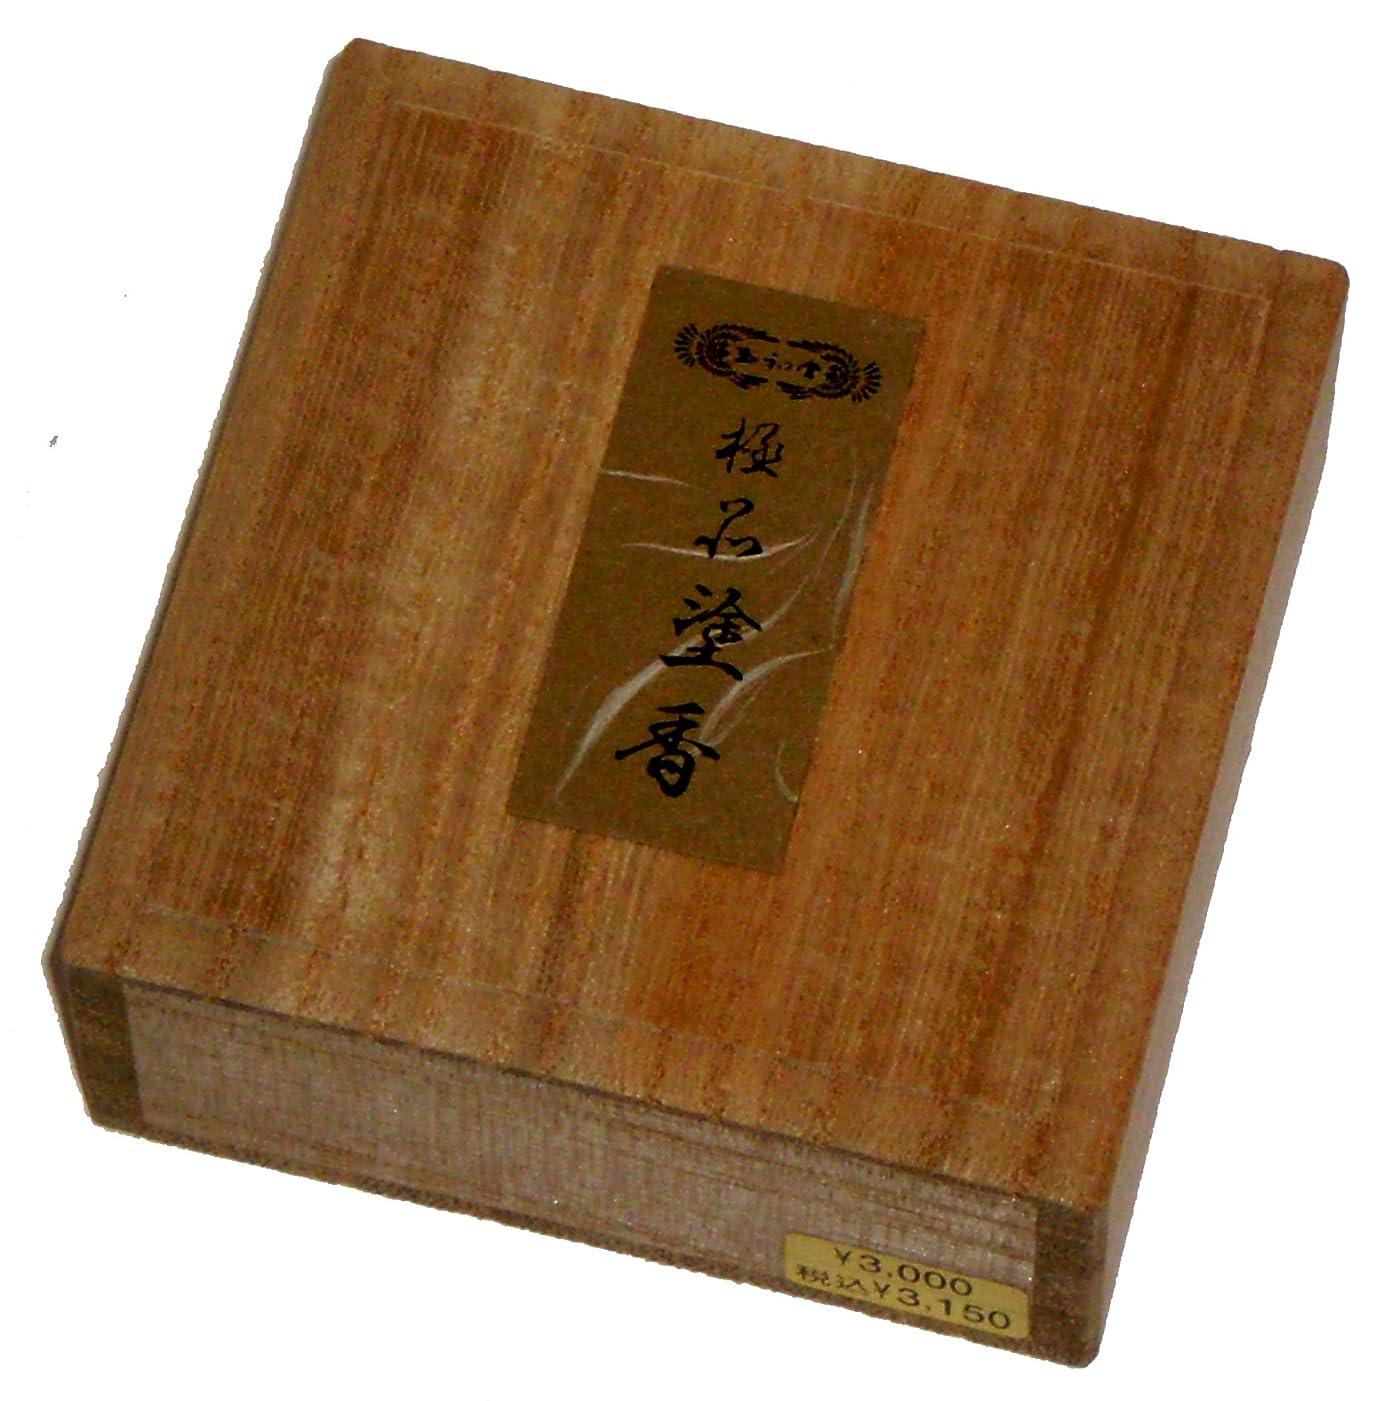 正当な止まる日帰り旅行に玉初堂のお香 極品塗香 15g 桐箱 #835